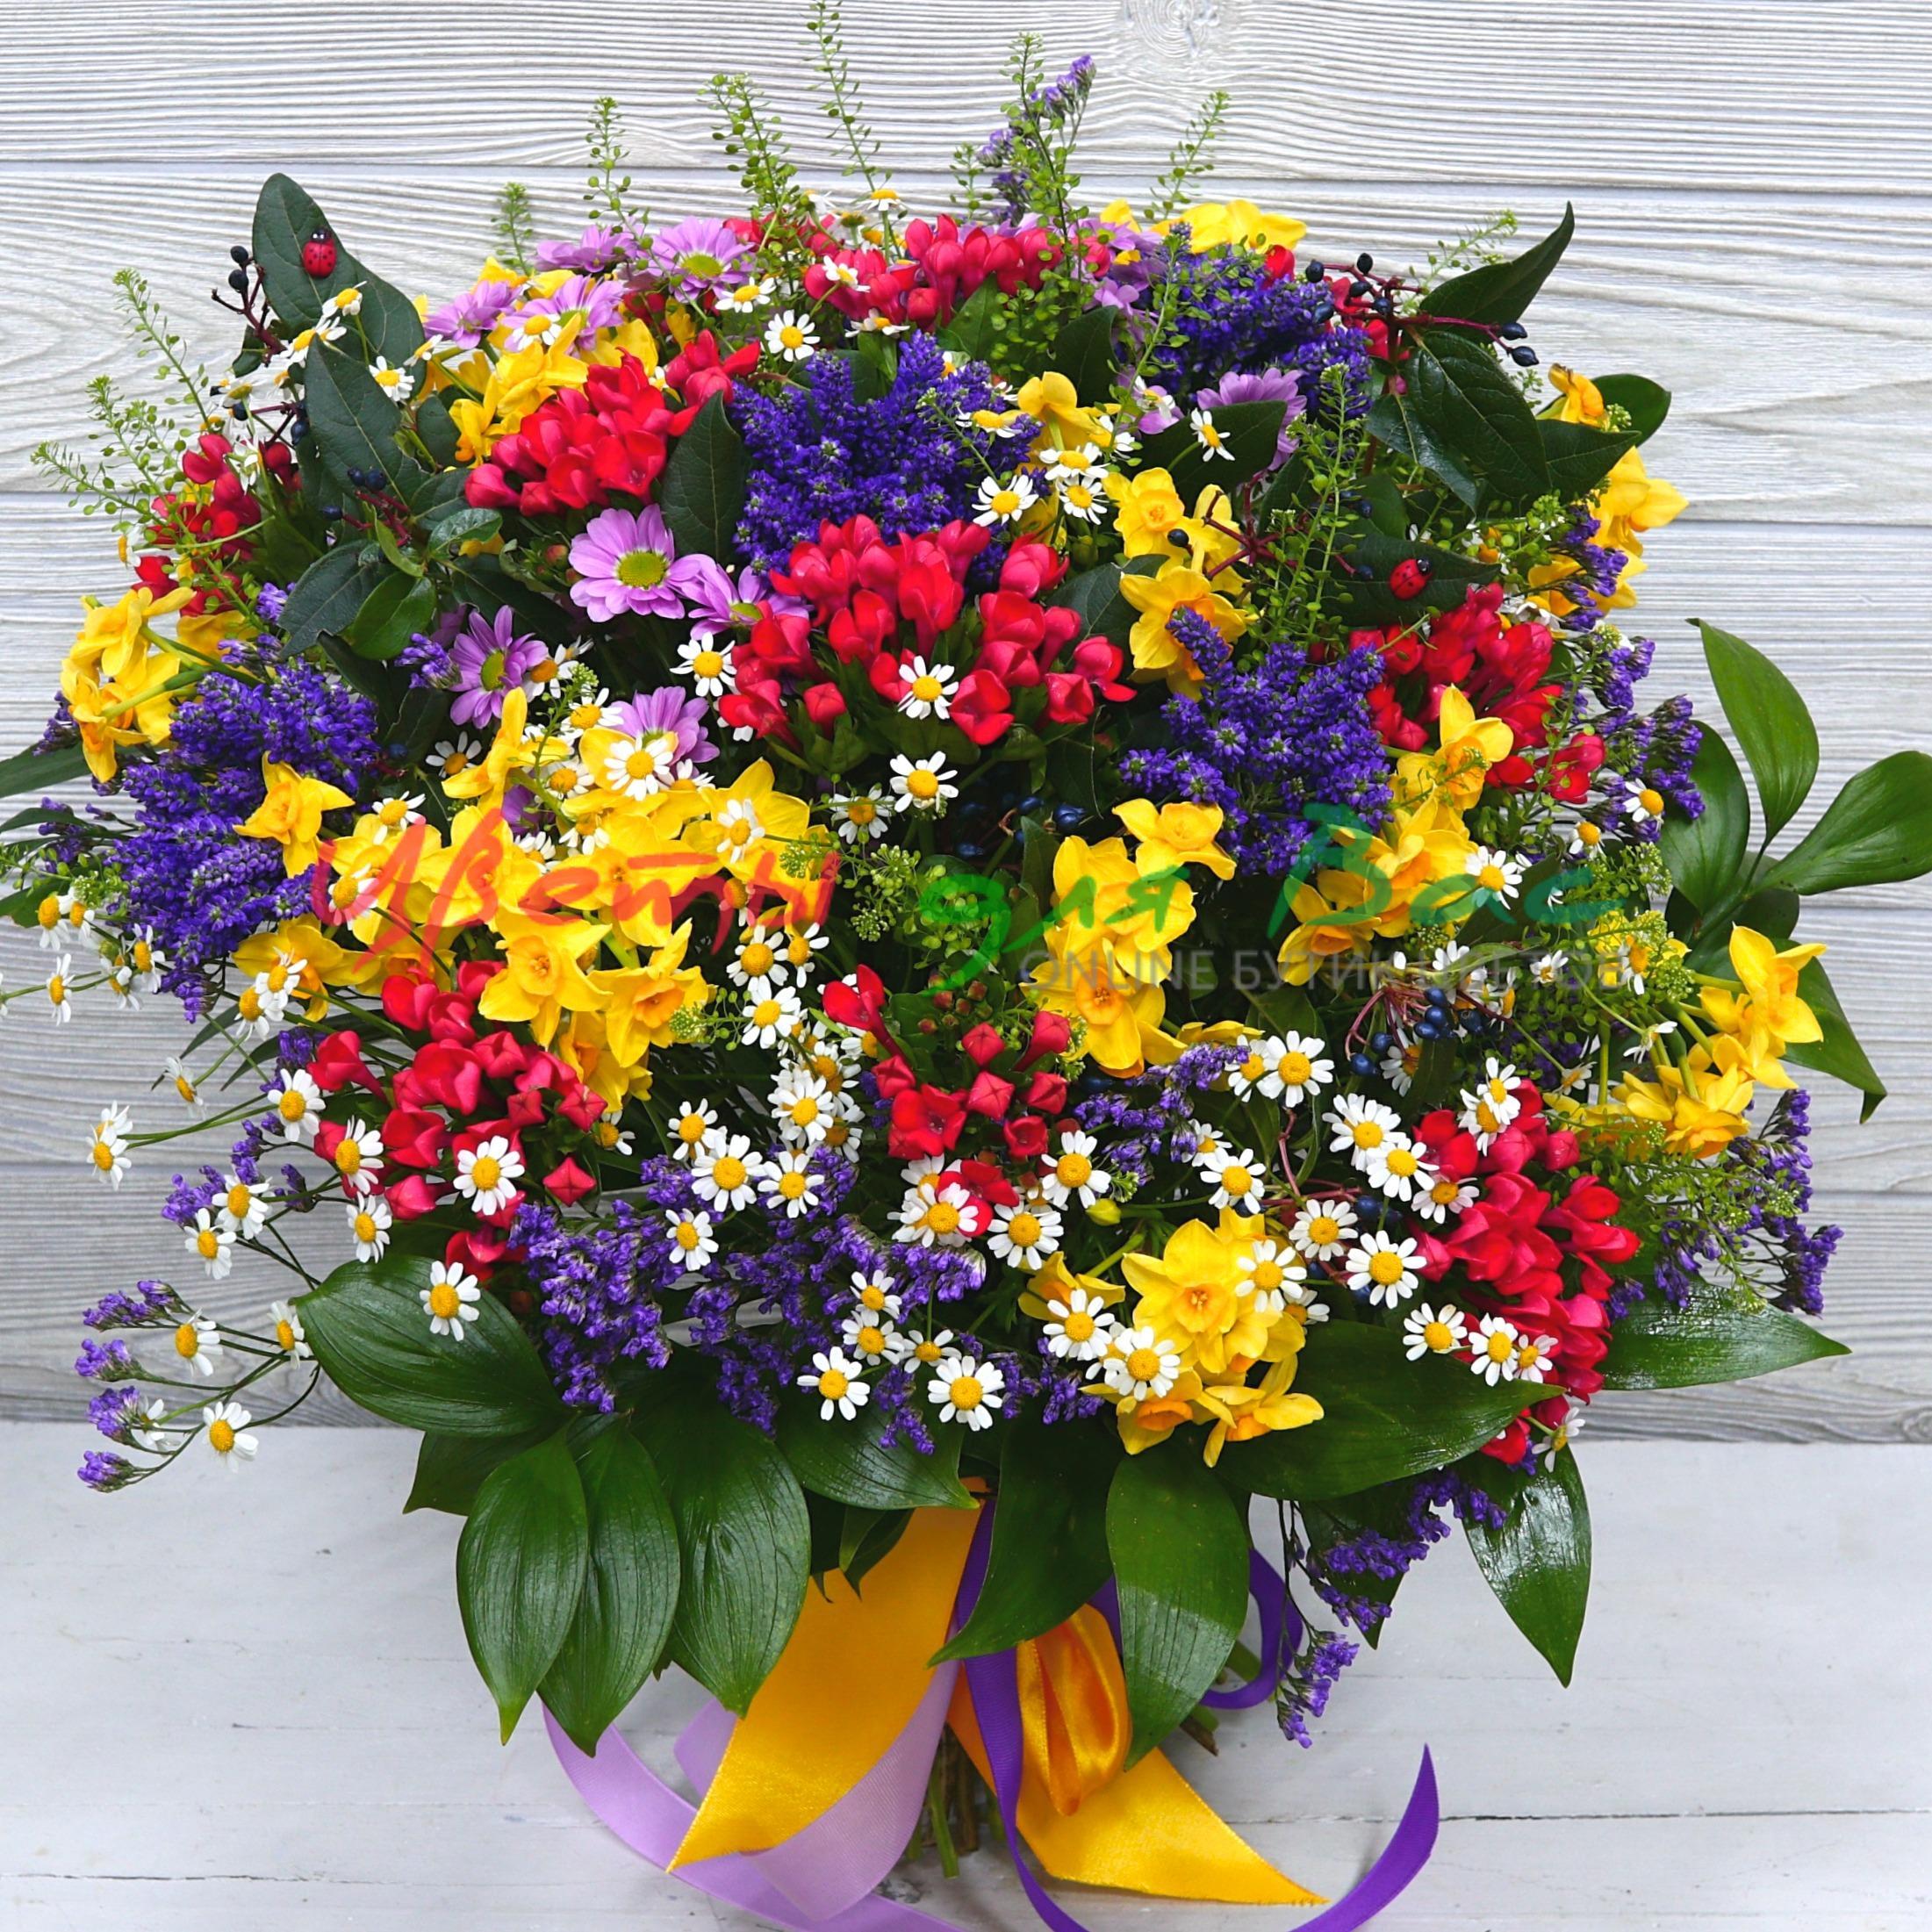 букеты цветов из разных цветов фото отрицал причастность преступлению